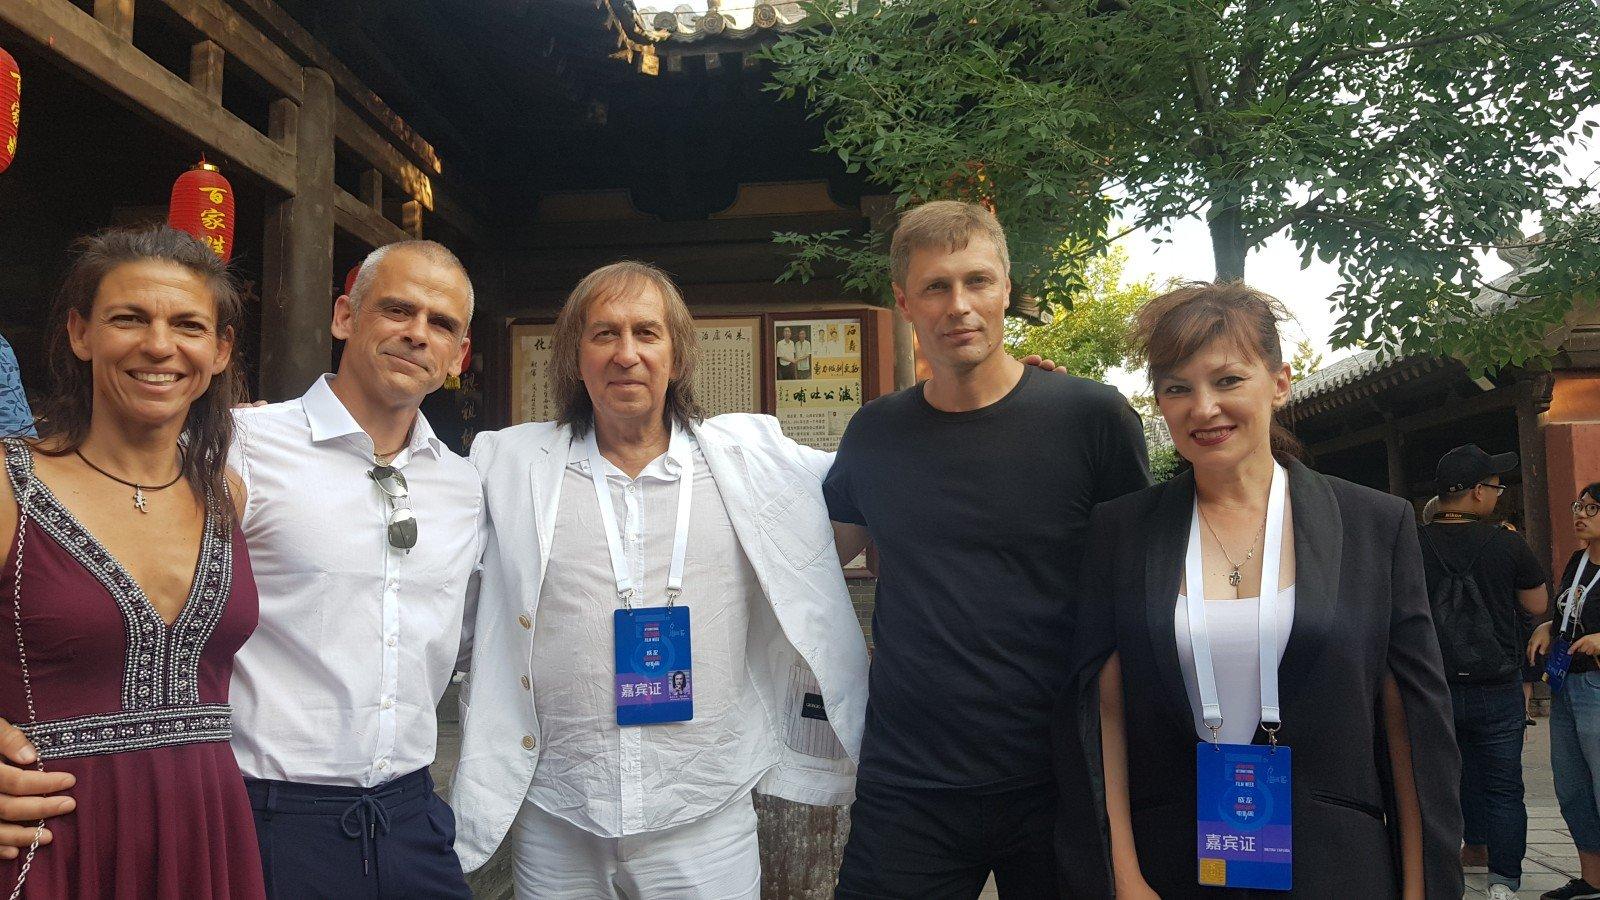 Каскадер Александр Иншаков и его коллеги побывали в гостях у Джеки Чана (внутри — потрясающие фото шоу!)